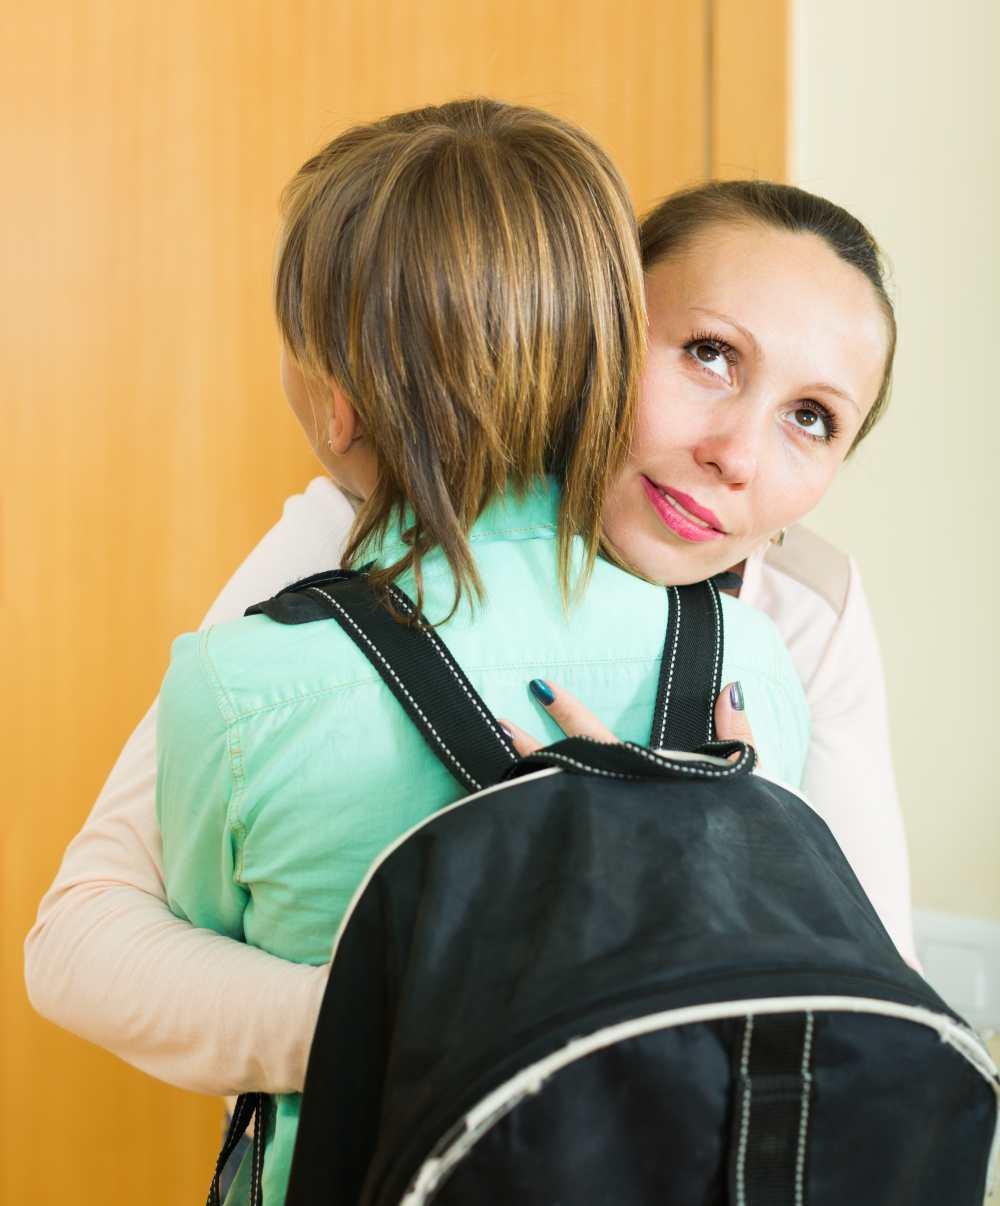 Crianza infantil: lograr que los niños escuchen